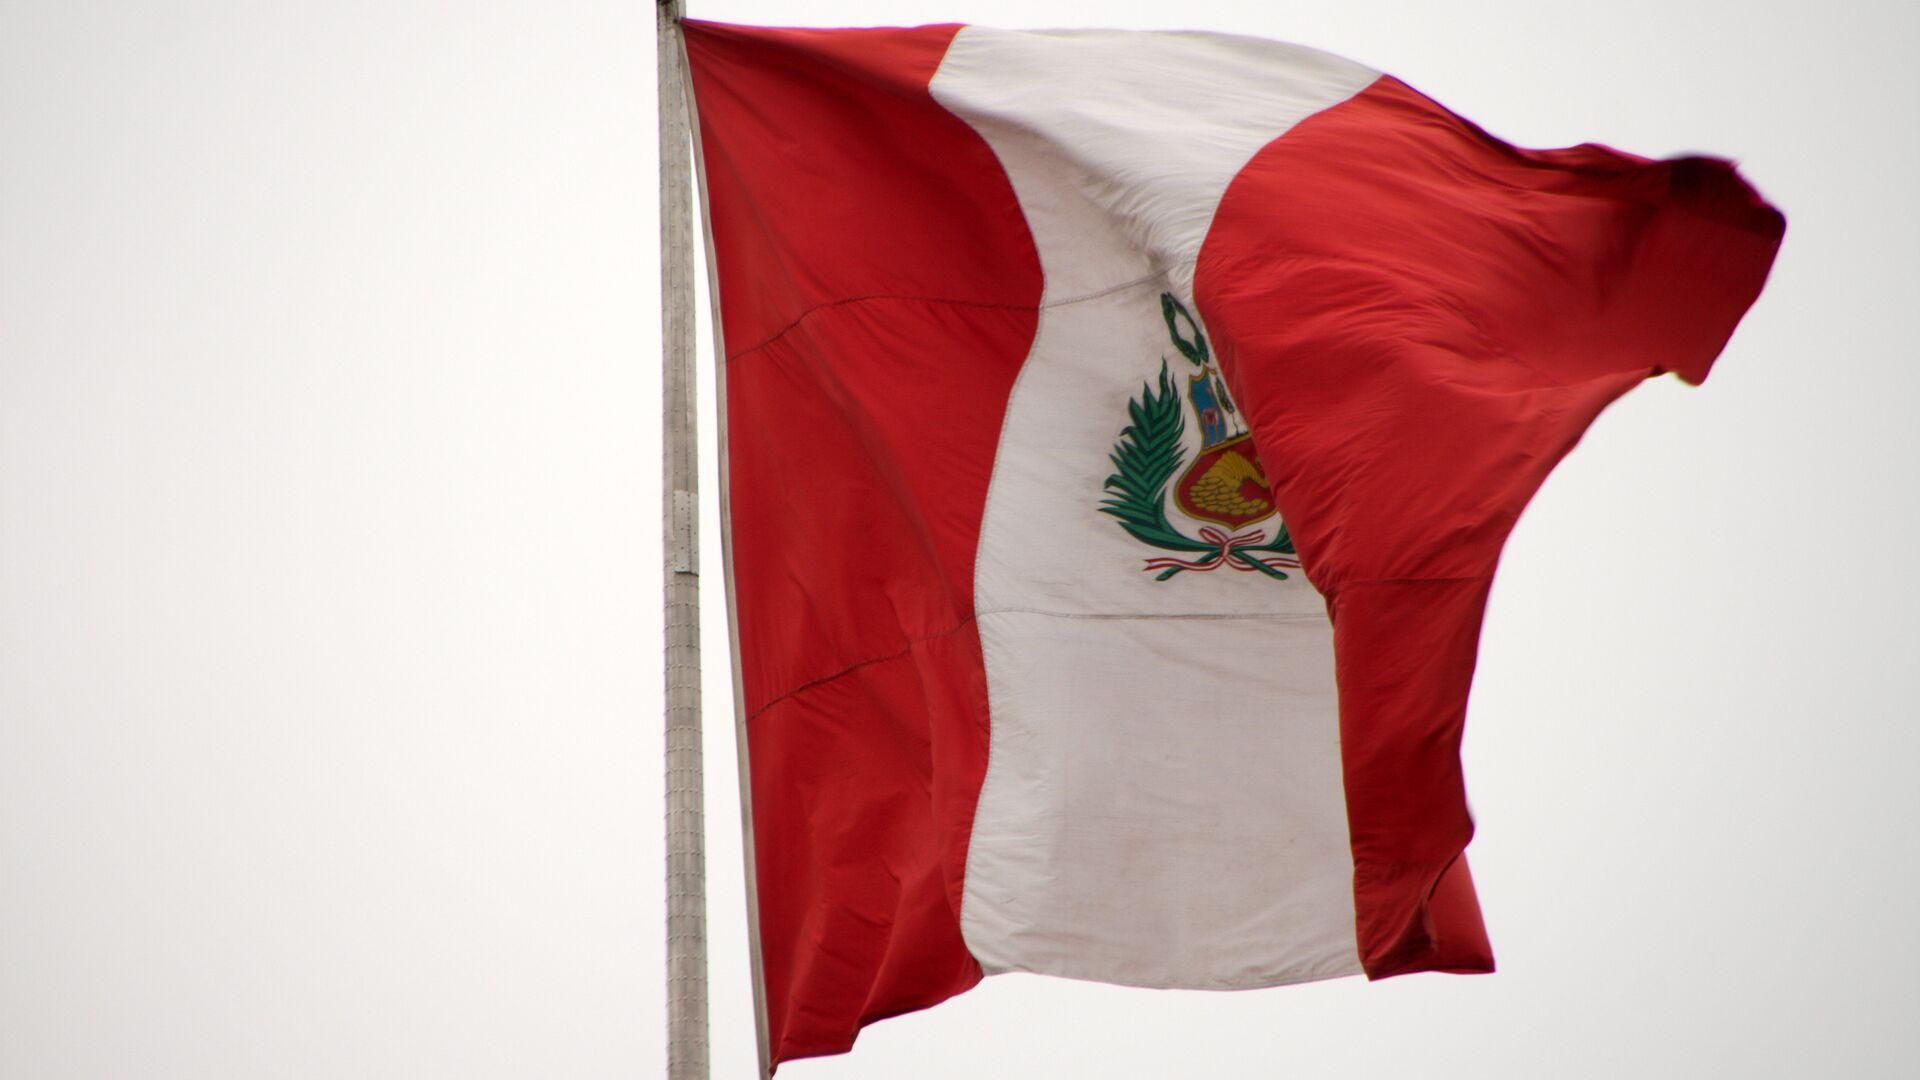 La bandera de Perú - Sputnik Mundo, 1920, 22.09.2021